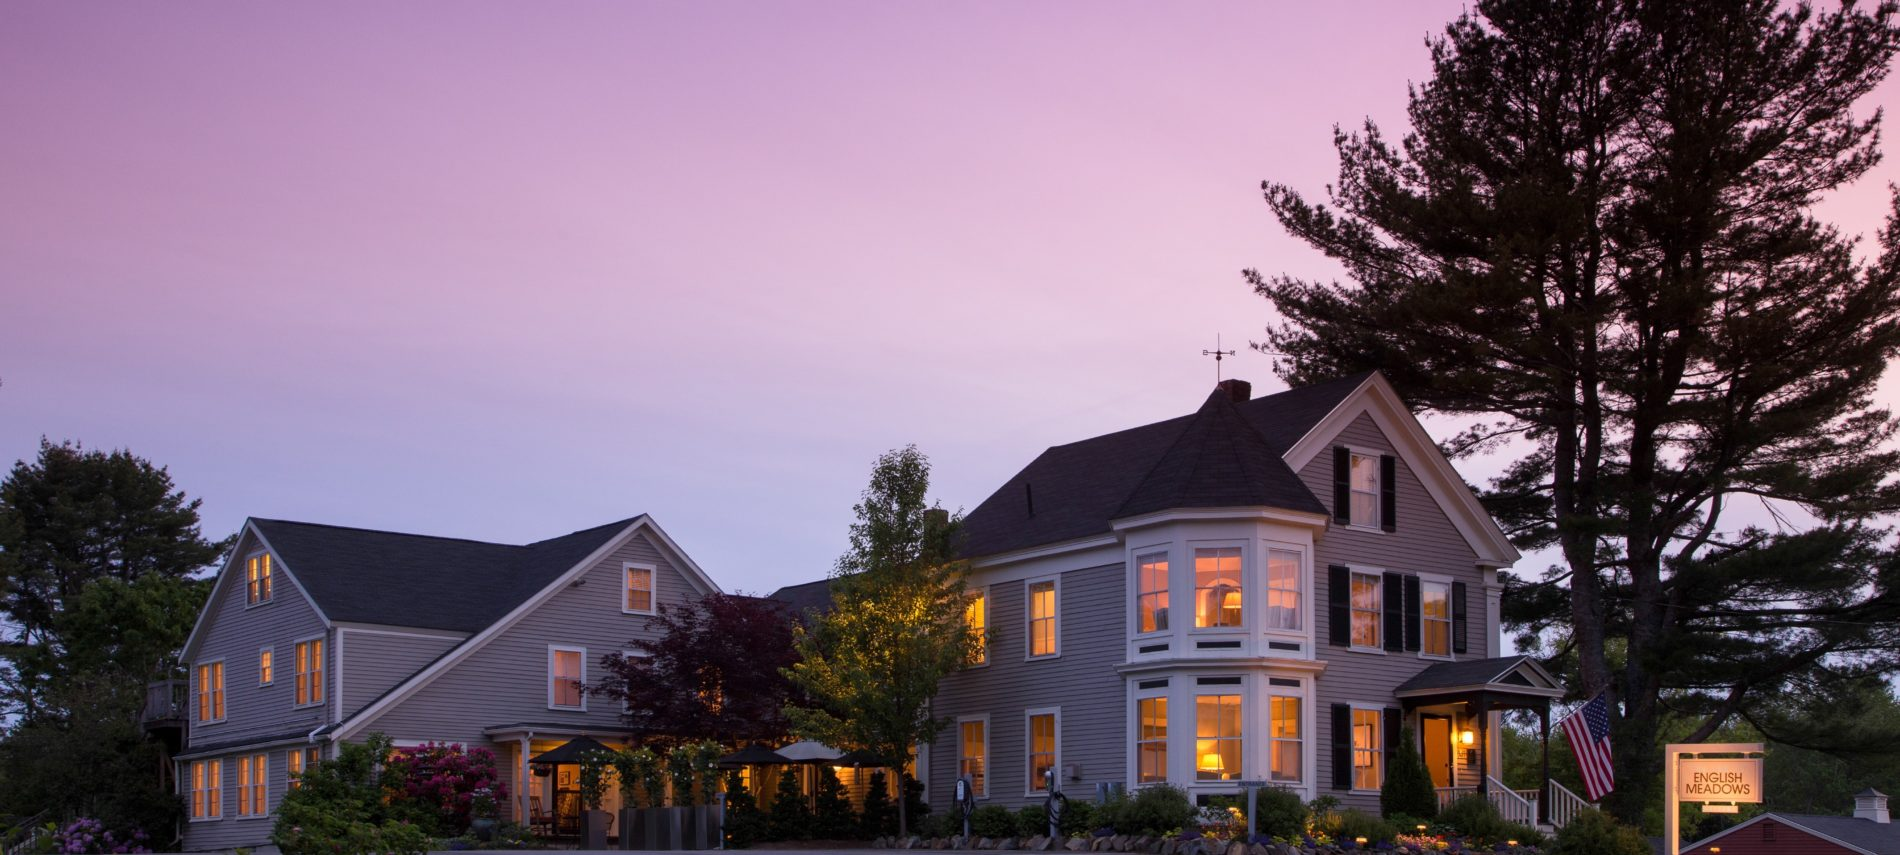 Inn at English Meadows at dusk